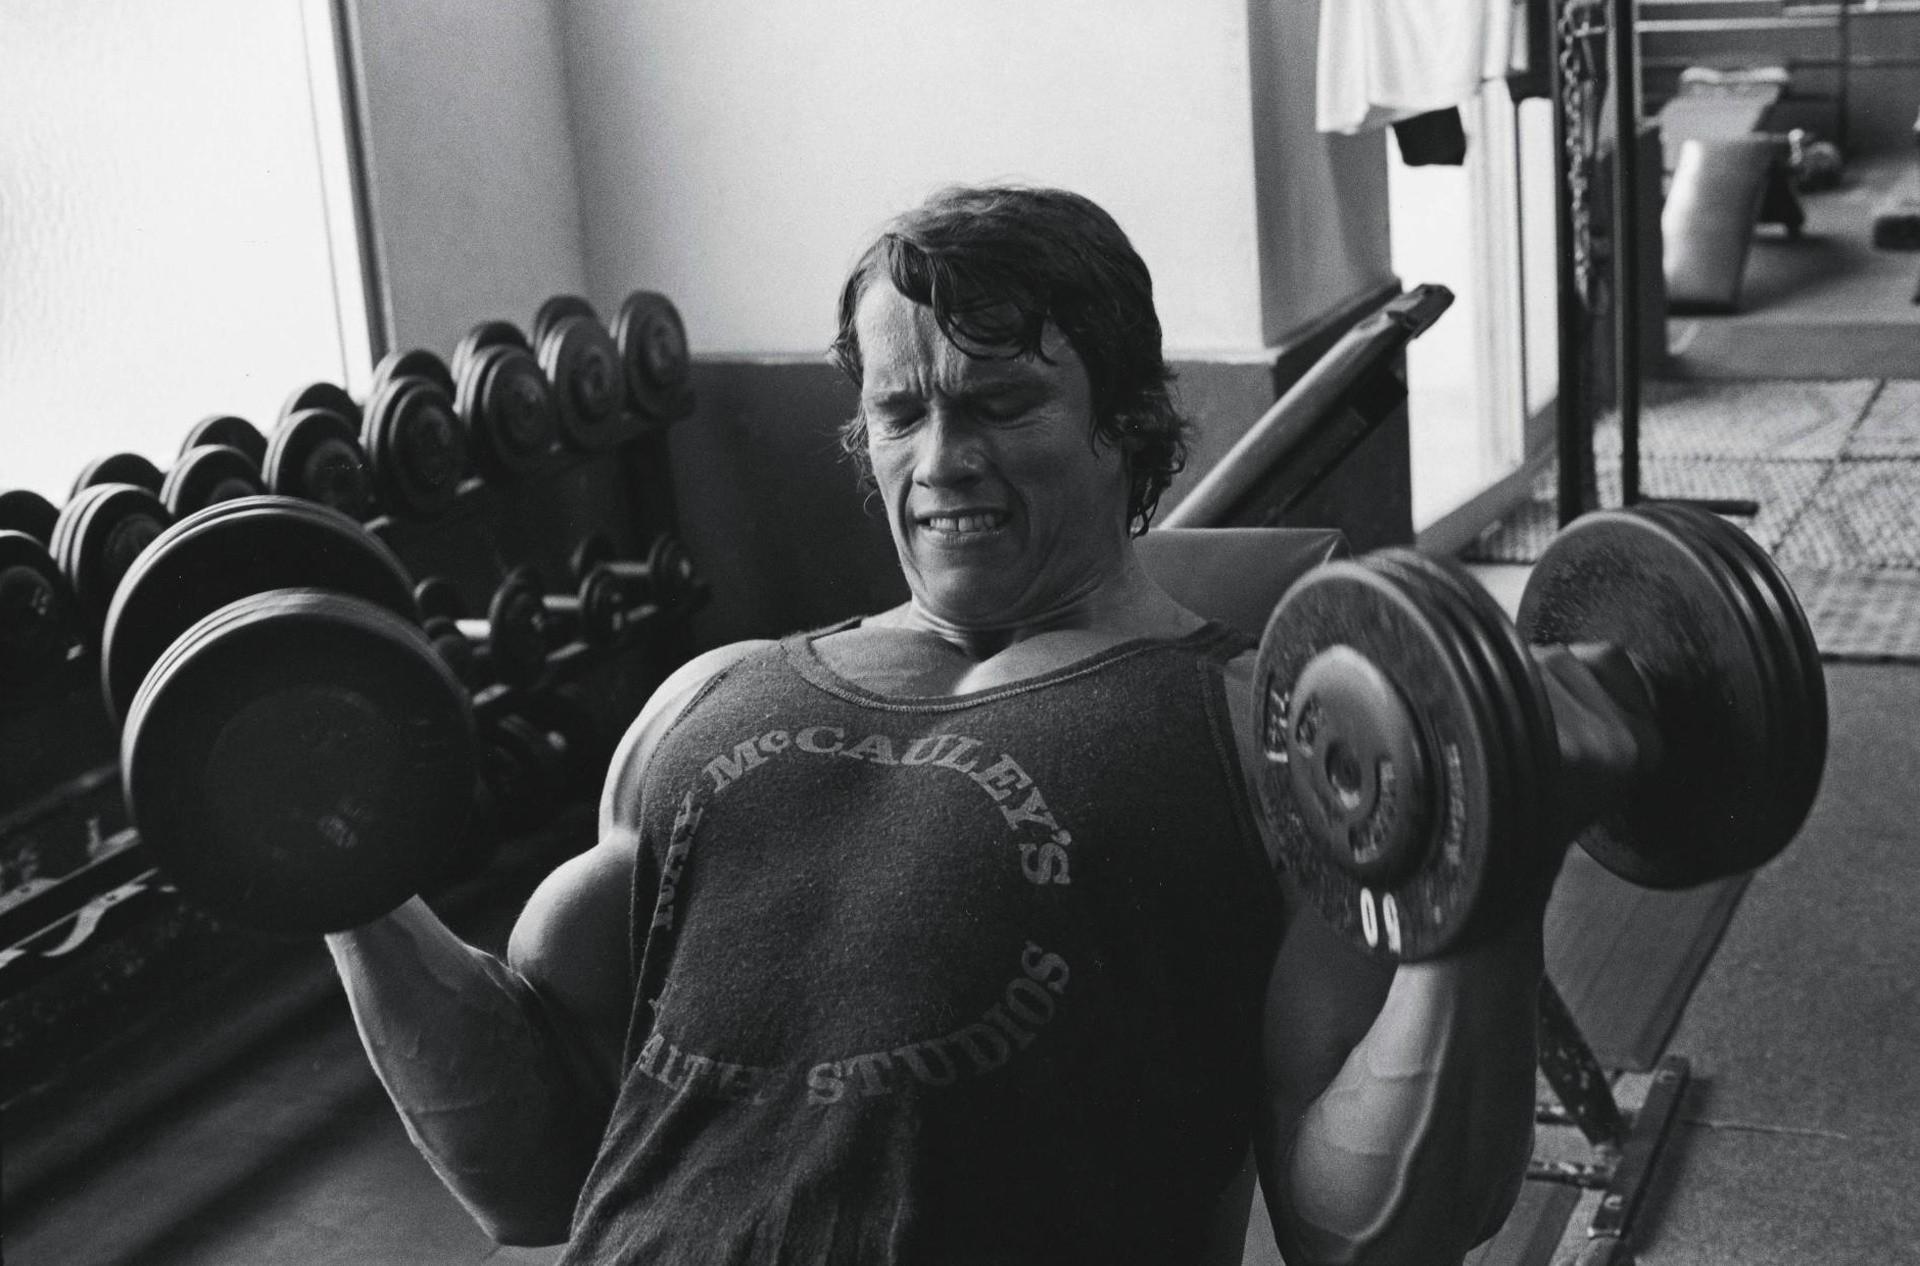 Wallpaper arnold schwarzenegger room bodybuilder gyms